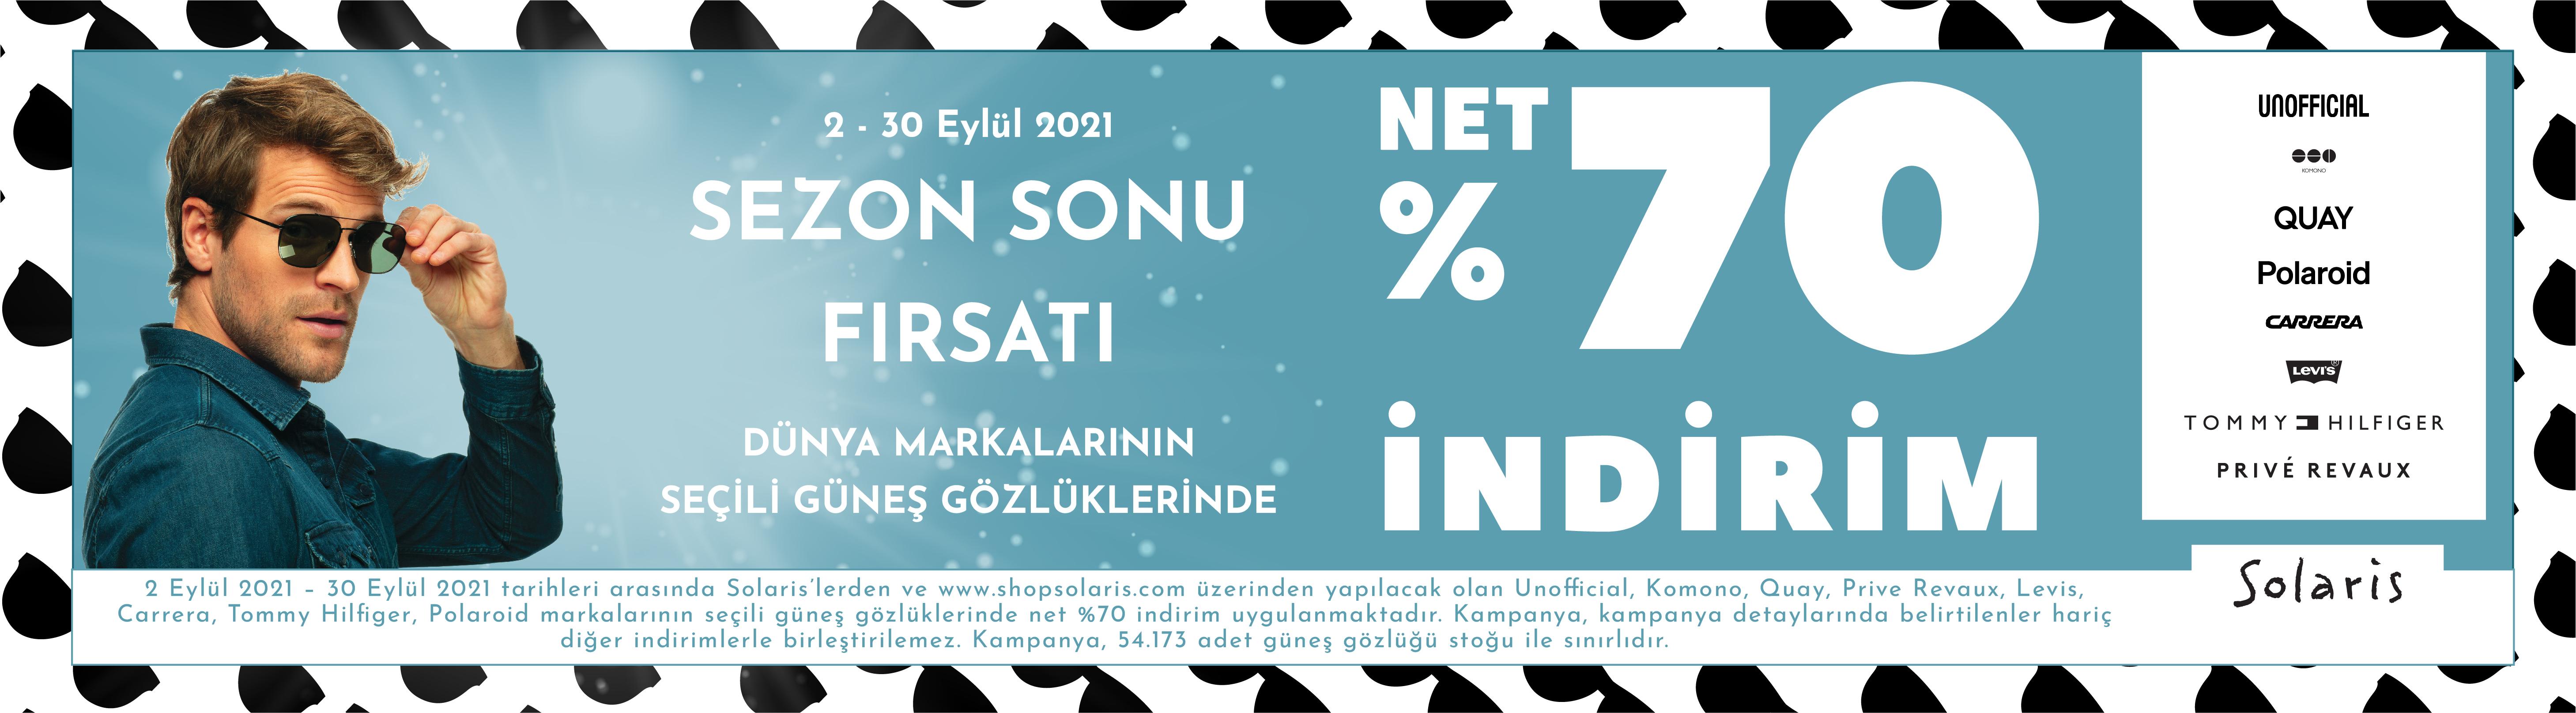 Solaris_Yaz_Sonu_Kampanyas_2800x774-01_1